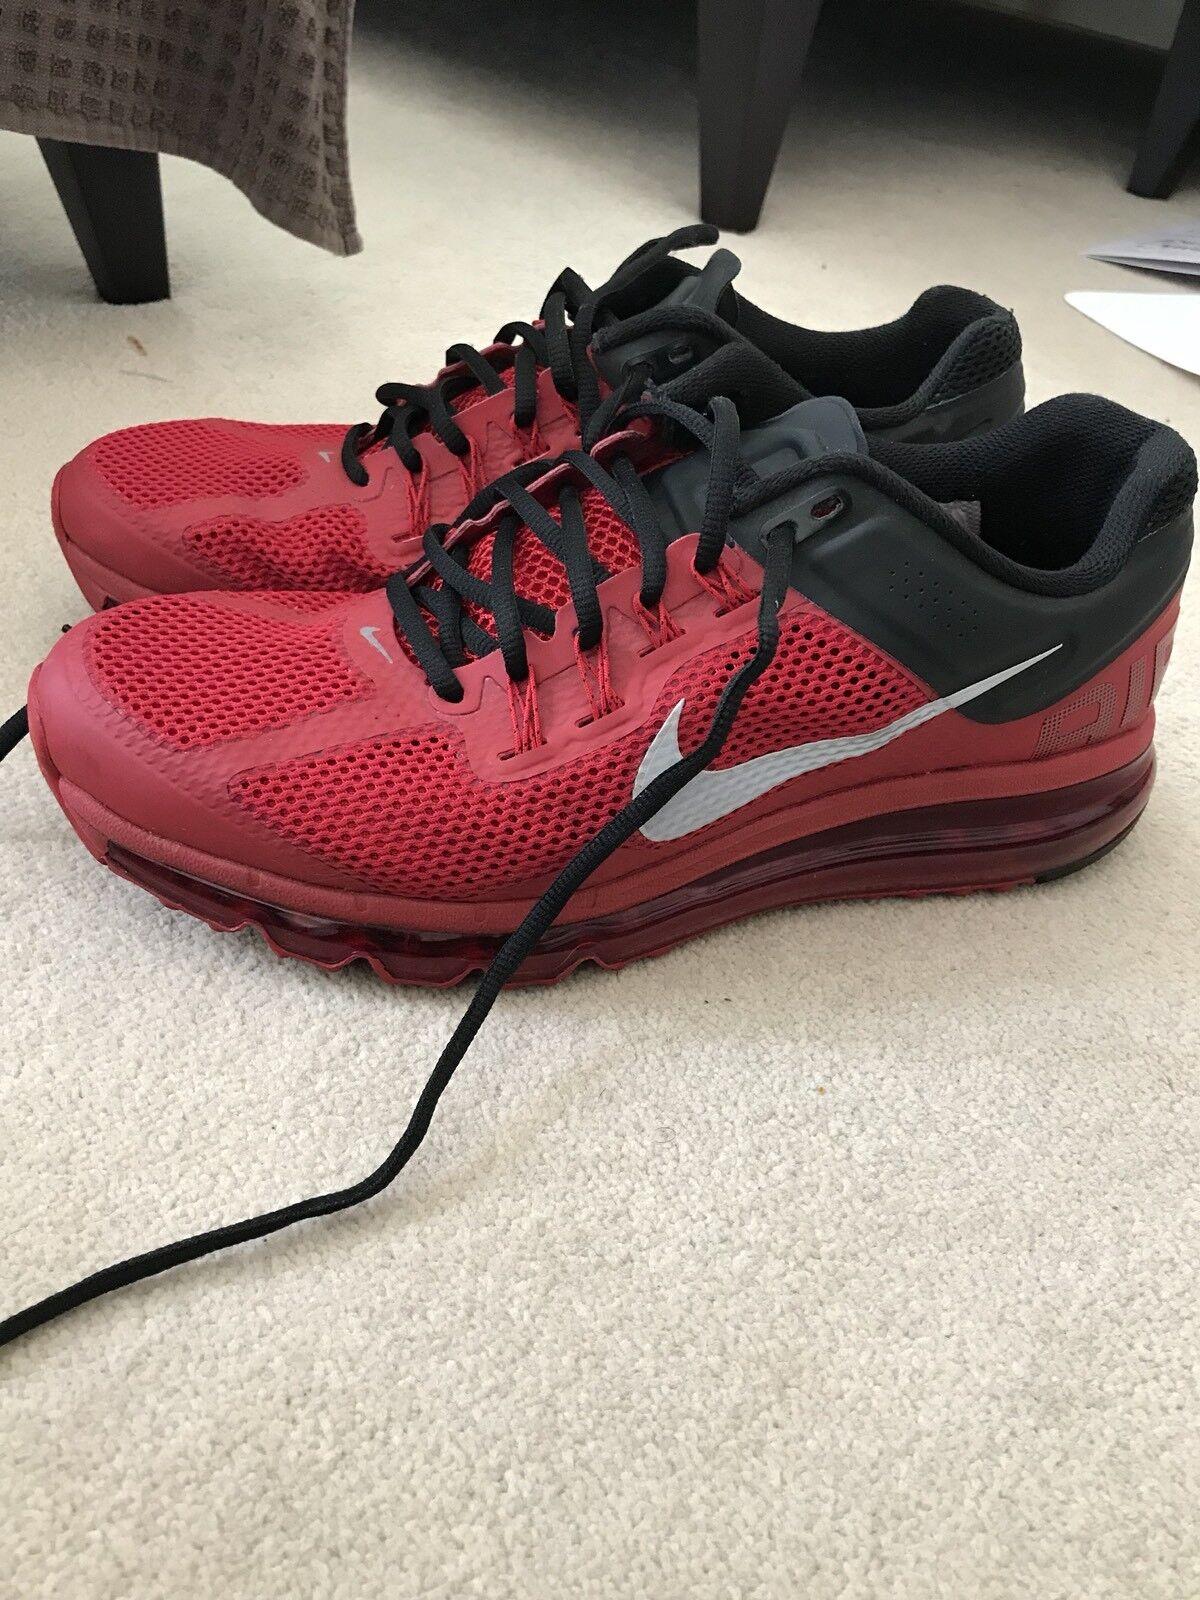 Nike airmax e formatori | In Breve Fornitura  | Uomo/Donna Scarpa